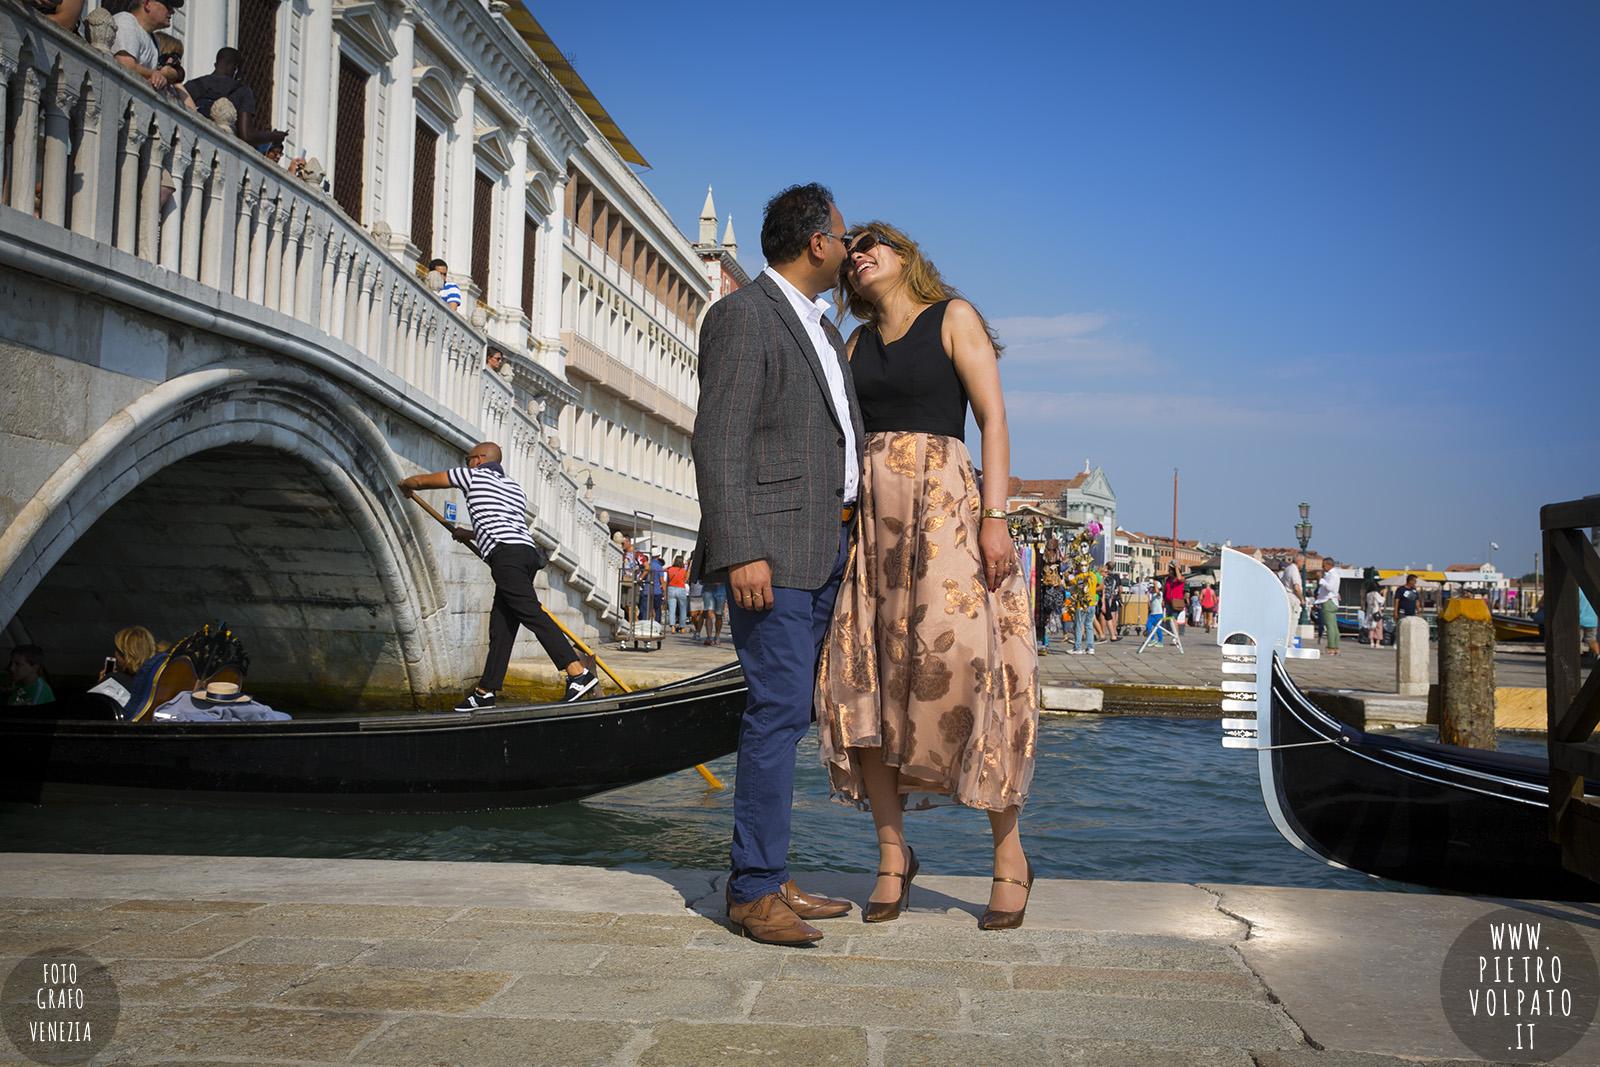 Anniversario Di Matrimonio A Venezia.Venezia Servizio Foto Anniversario Matrimonio